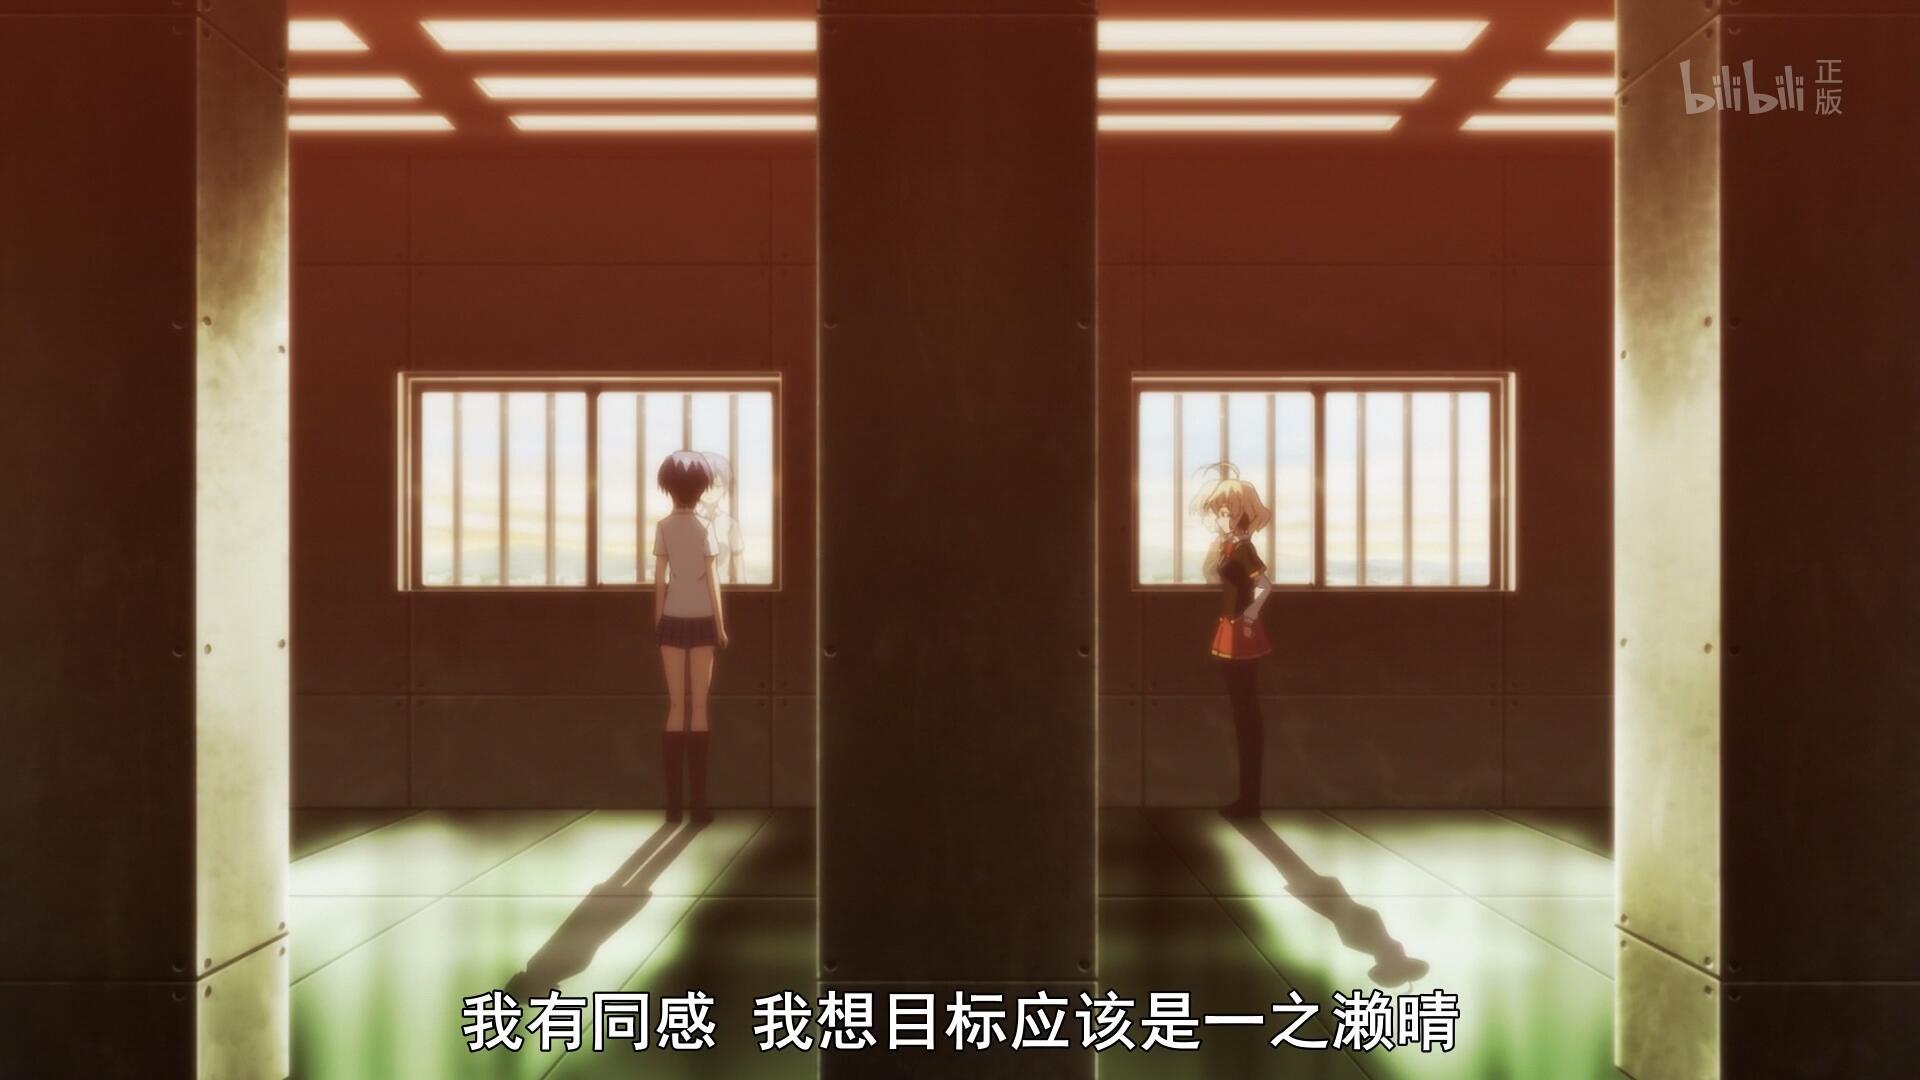 【动漫资源】恶魔之谜